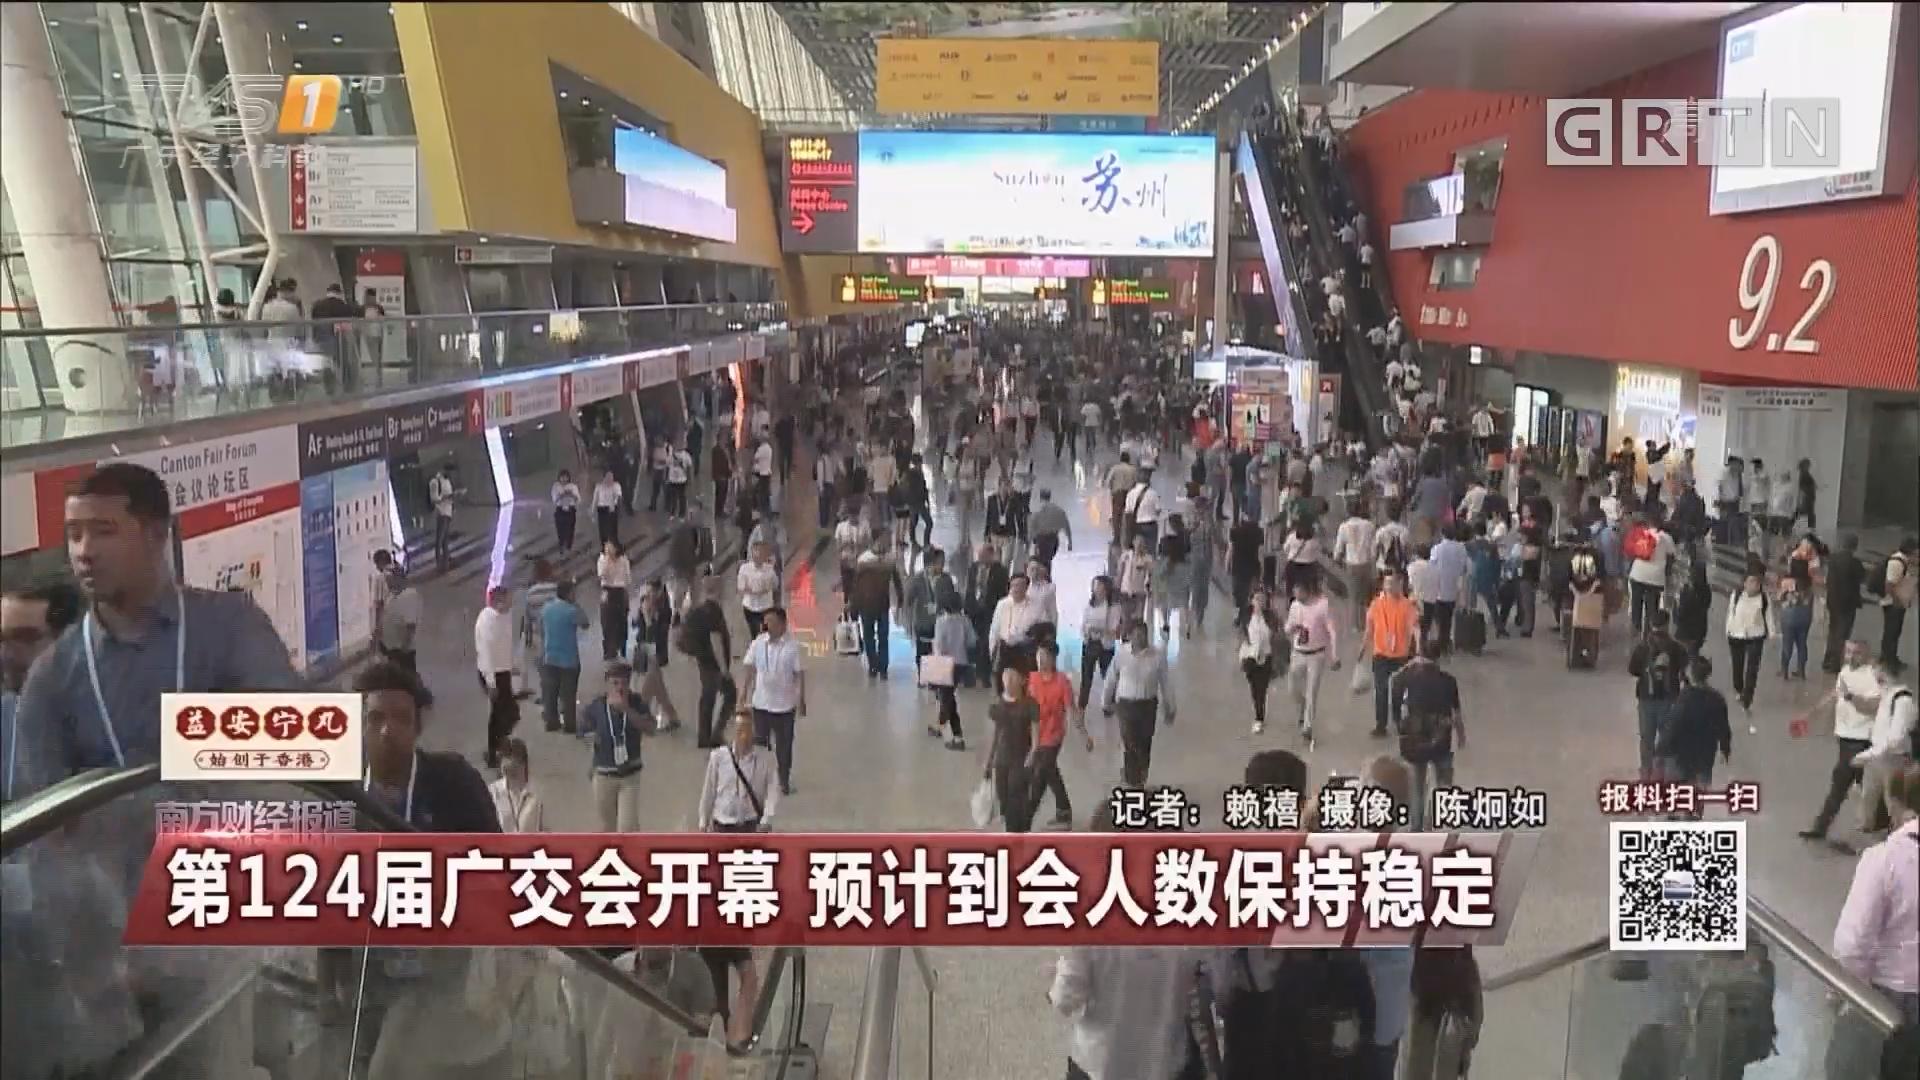 第124届广交会开幕 预计到会人数保持稳定